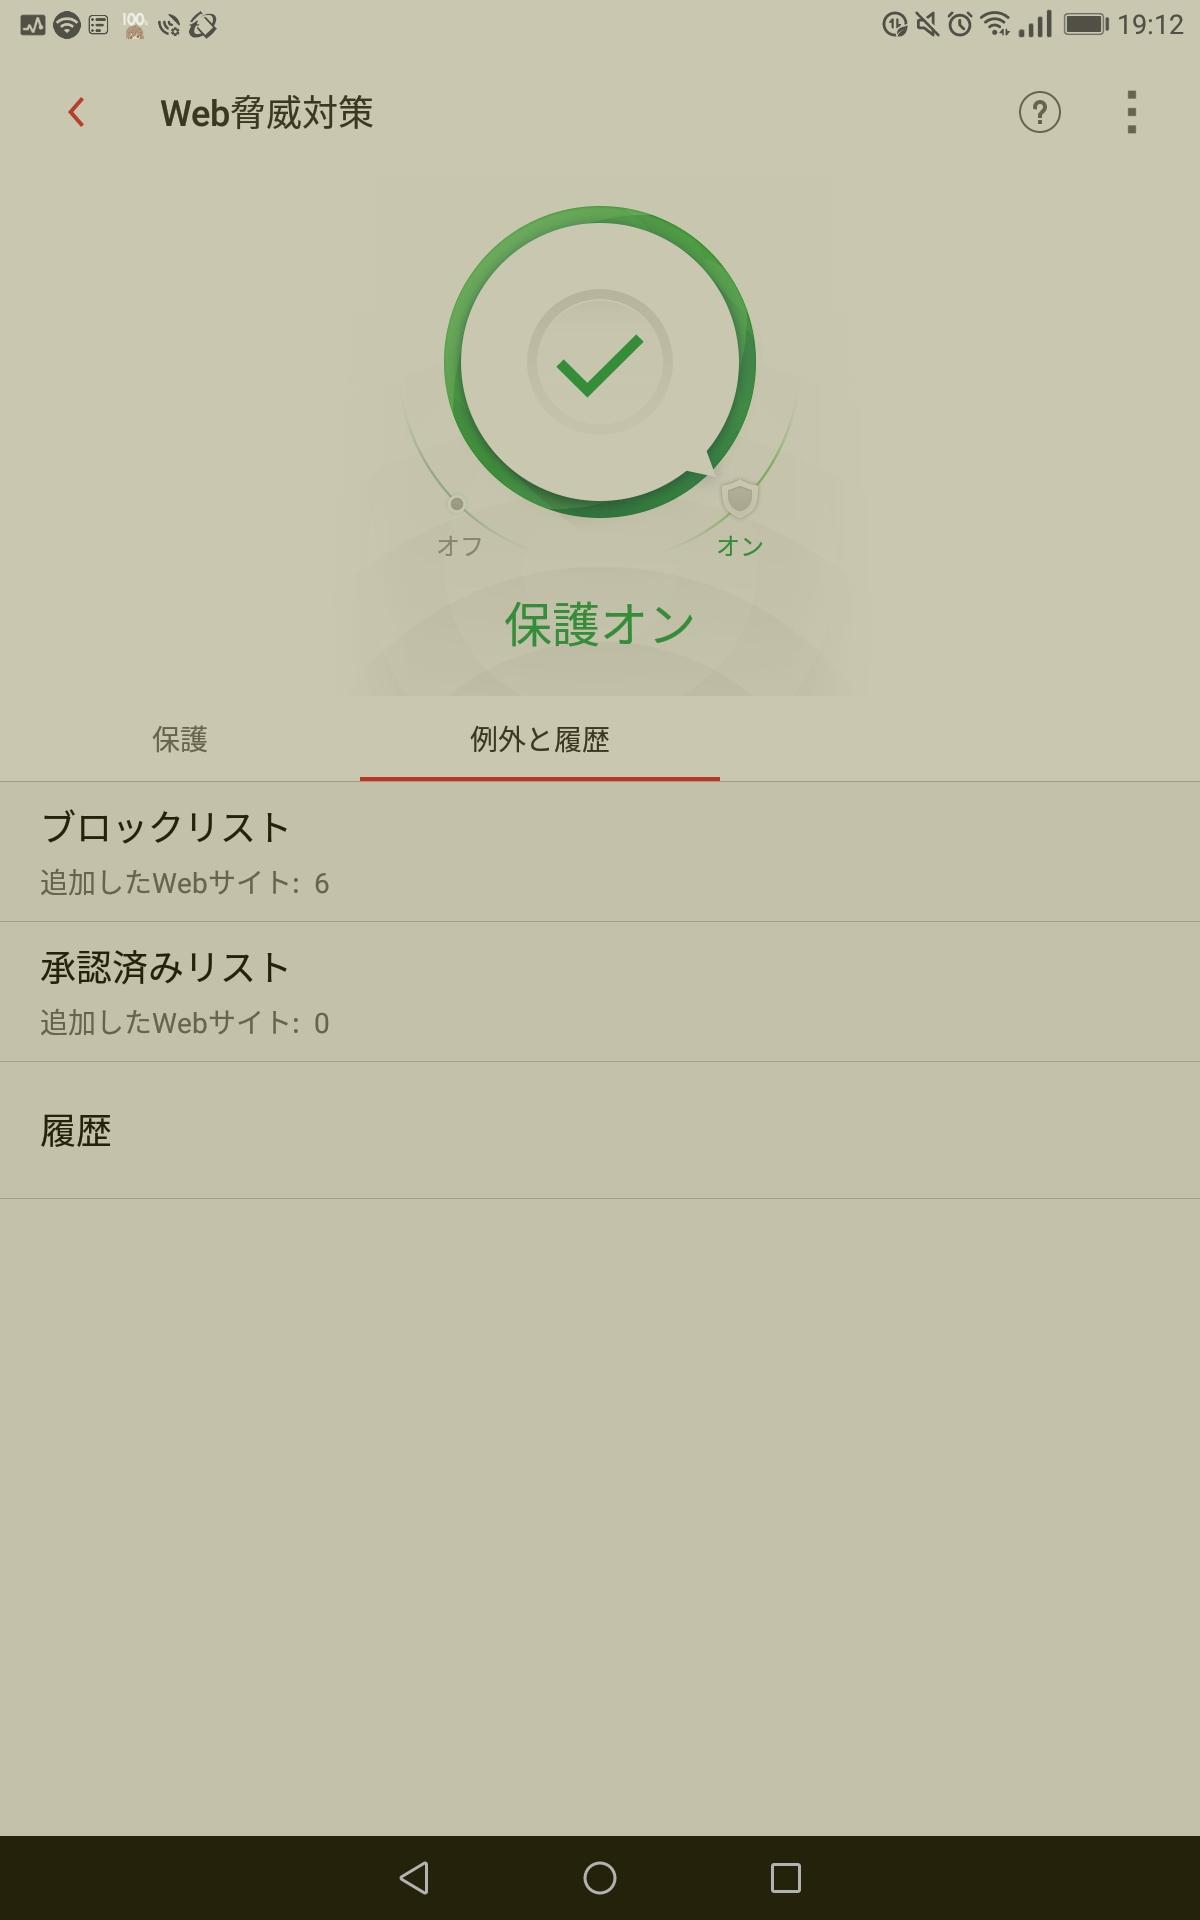 screenshot_20181215-191203.jpg